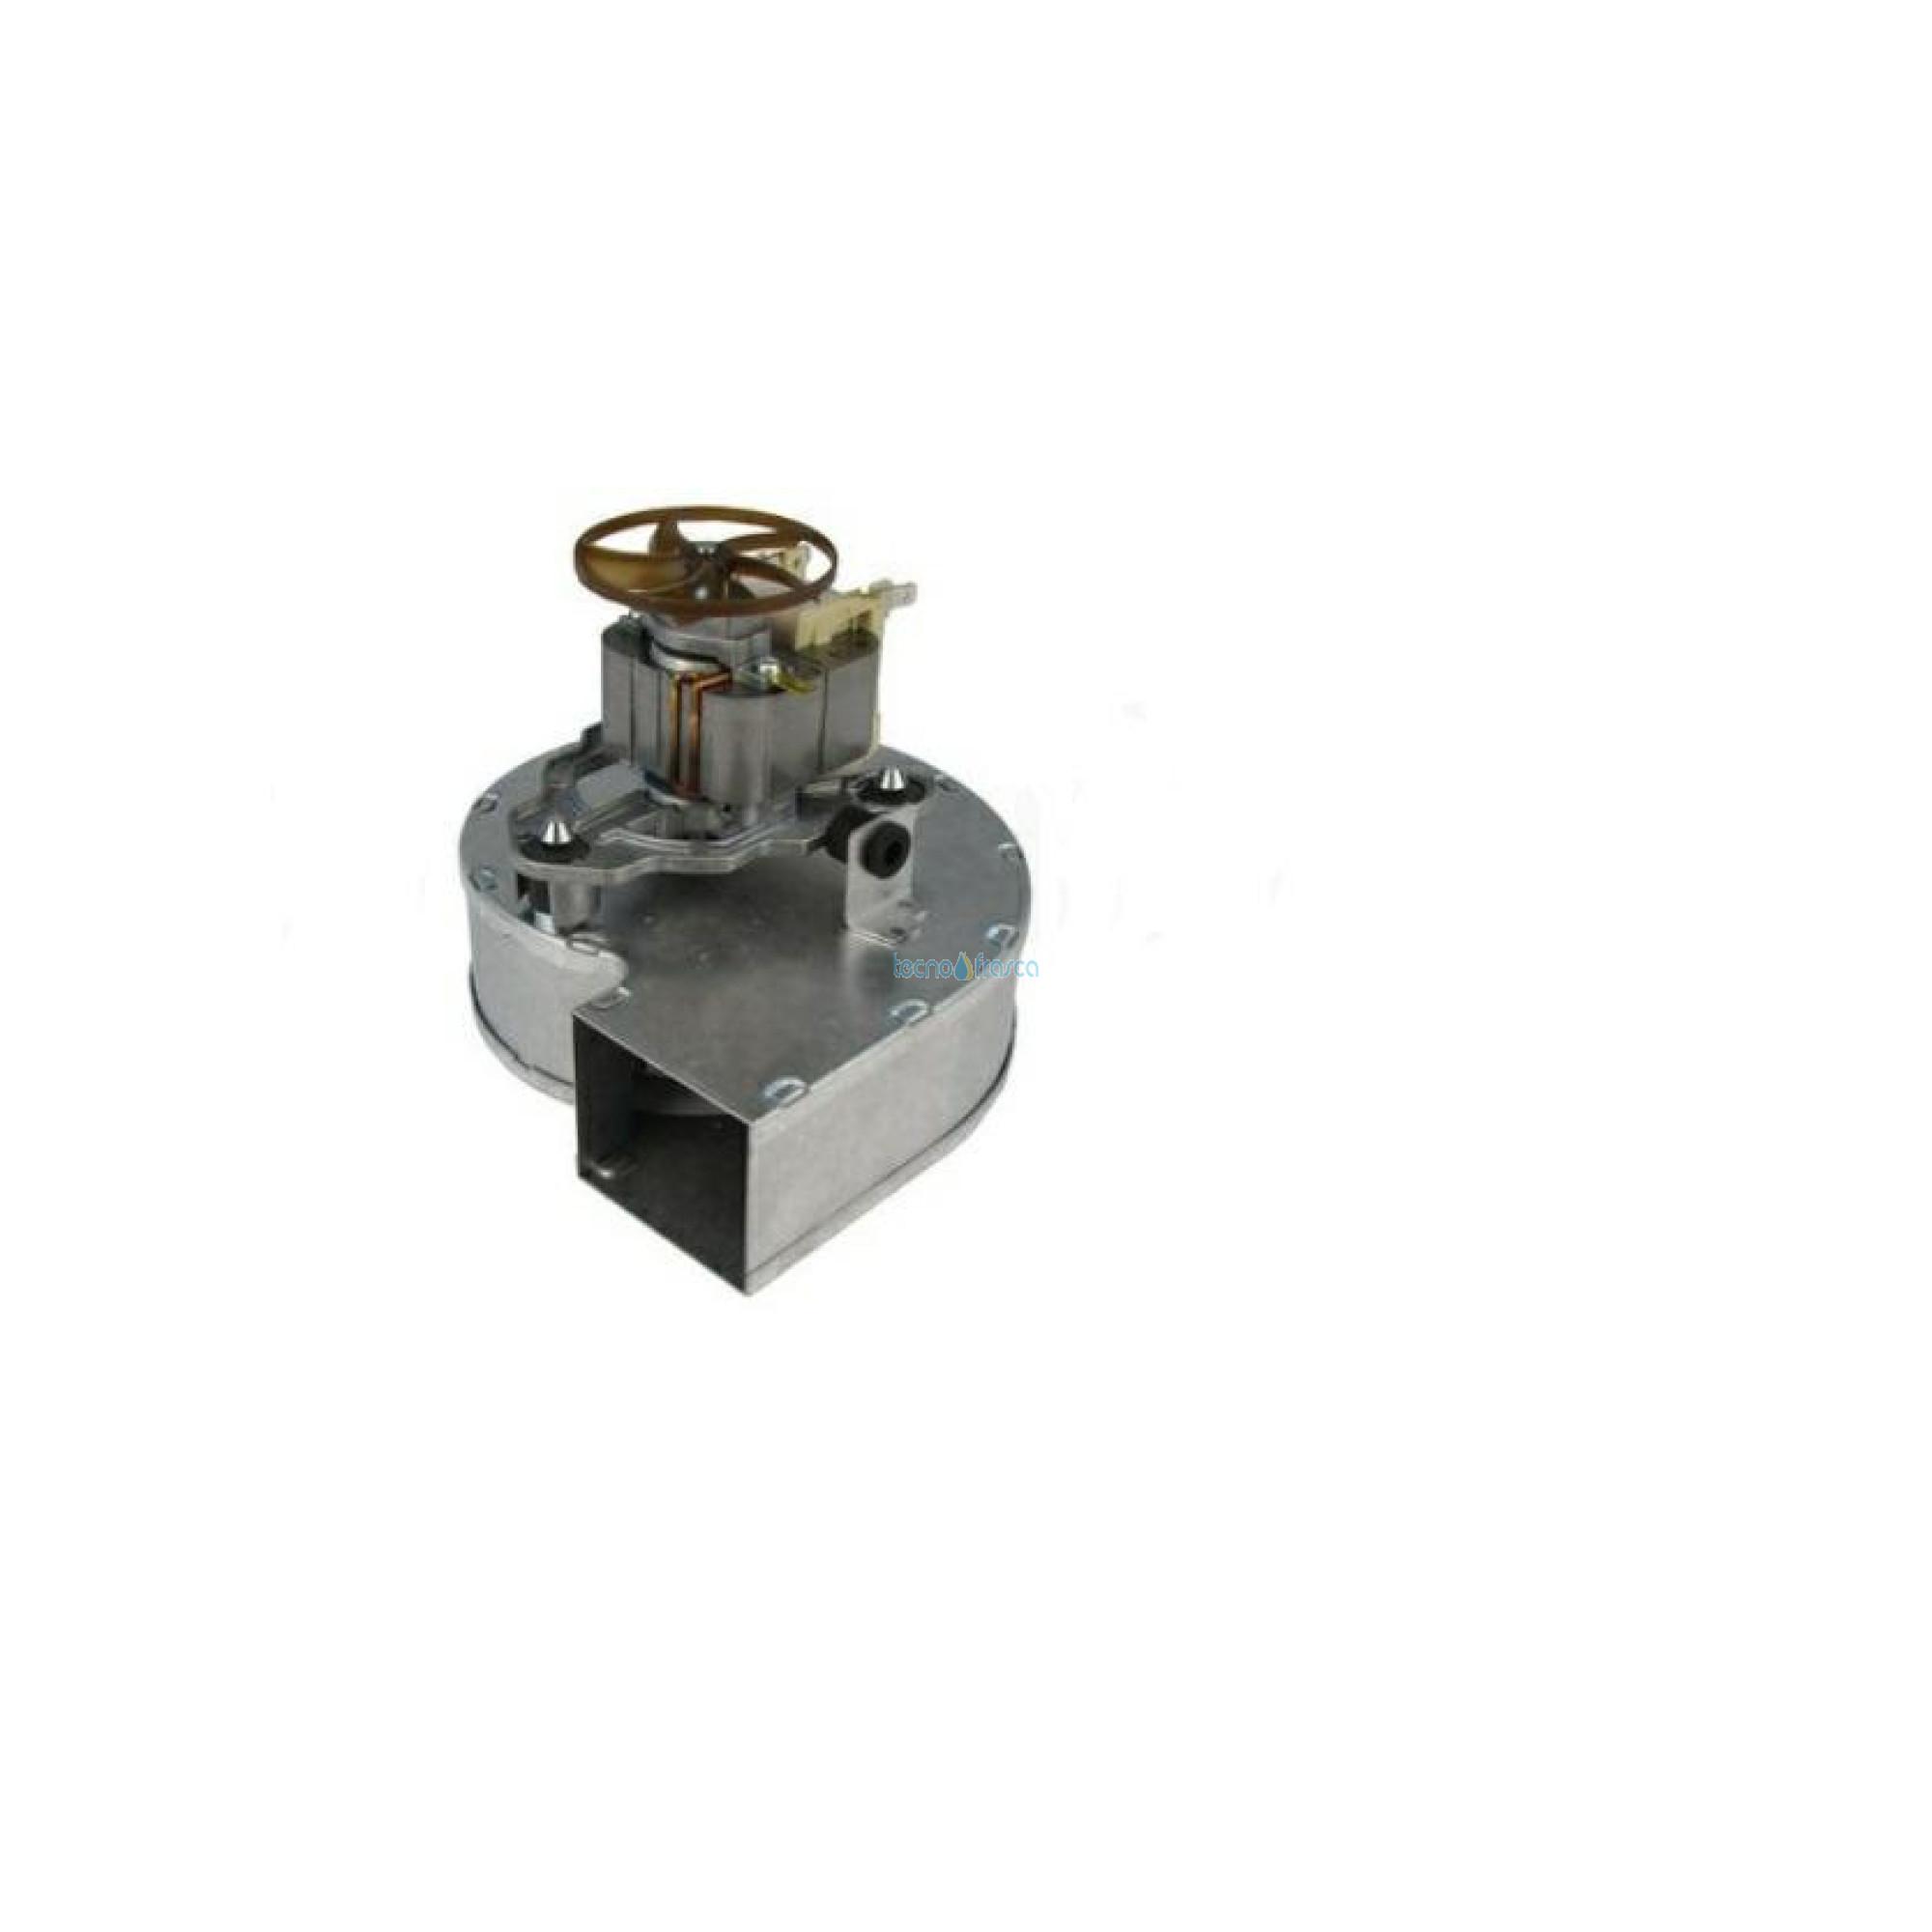 Ferroli estrattore rl108/4200 a8-3038lh 39803090